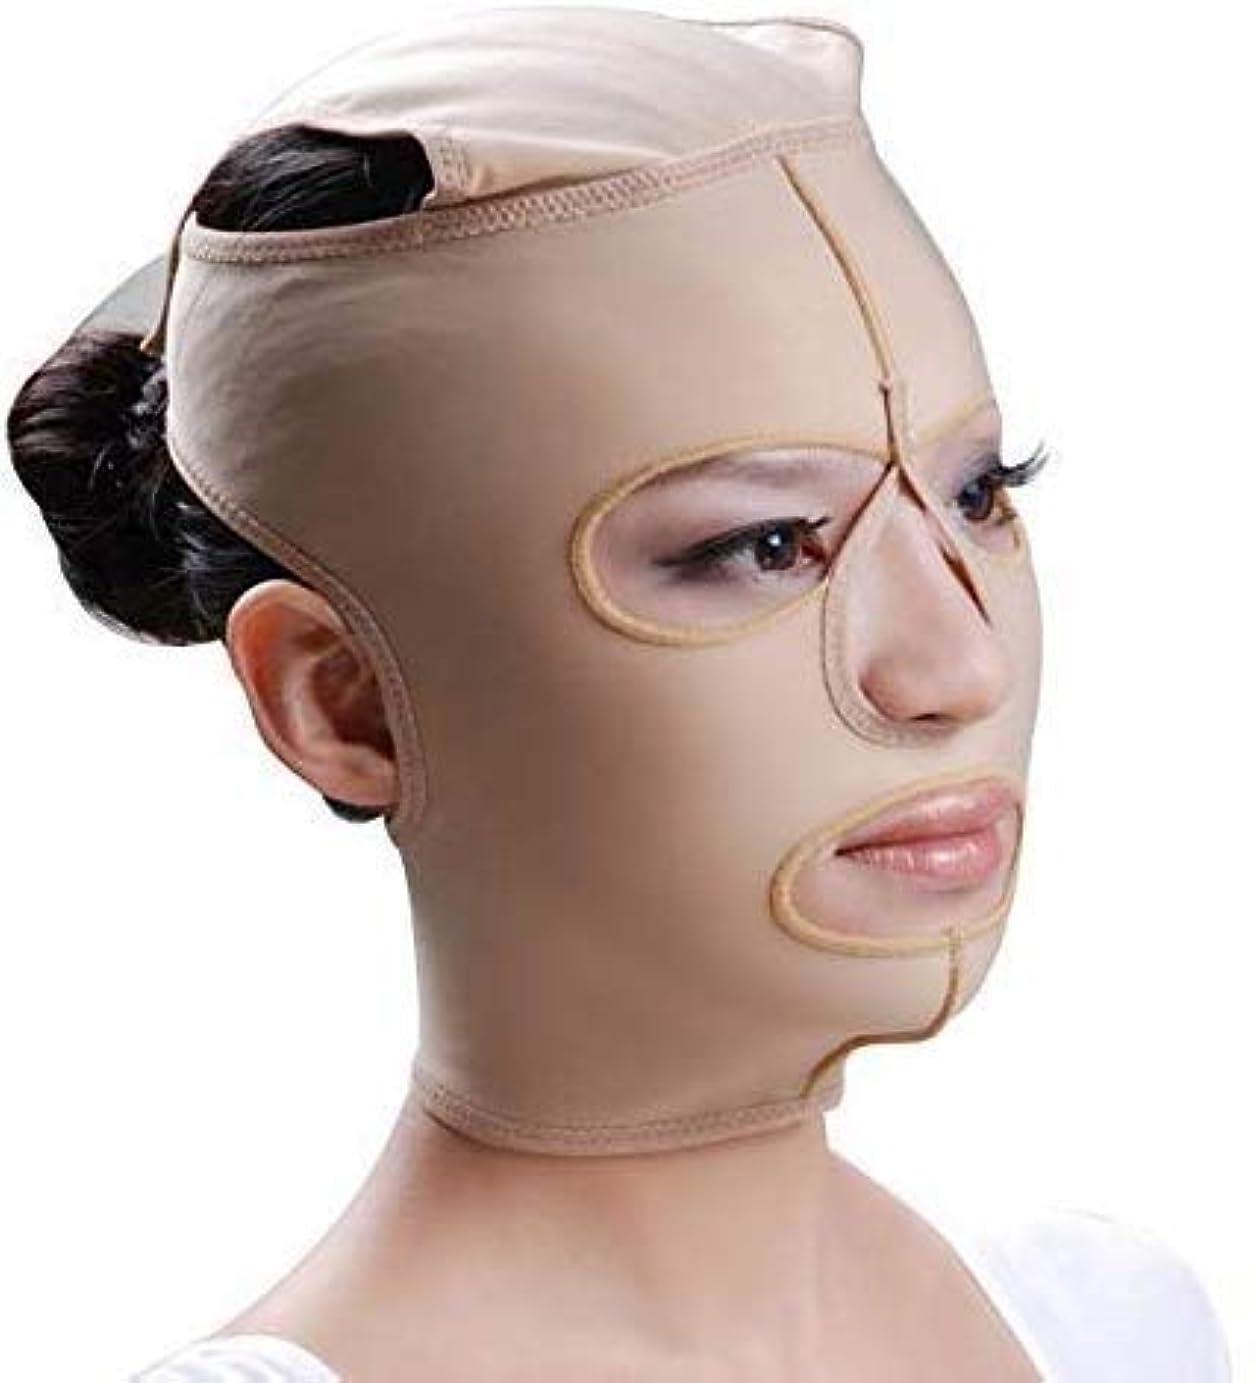 水っぽいシルク差し引くスリミングVフェイスマスク、ファーミングフェイスマスク、フェイシャルマスク弾性フェイスリフティングリフティングファーミングパターンマイクロフィニッシングポストモデリングコンプレッションフェイスマスク(サイズ:M)